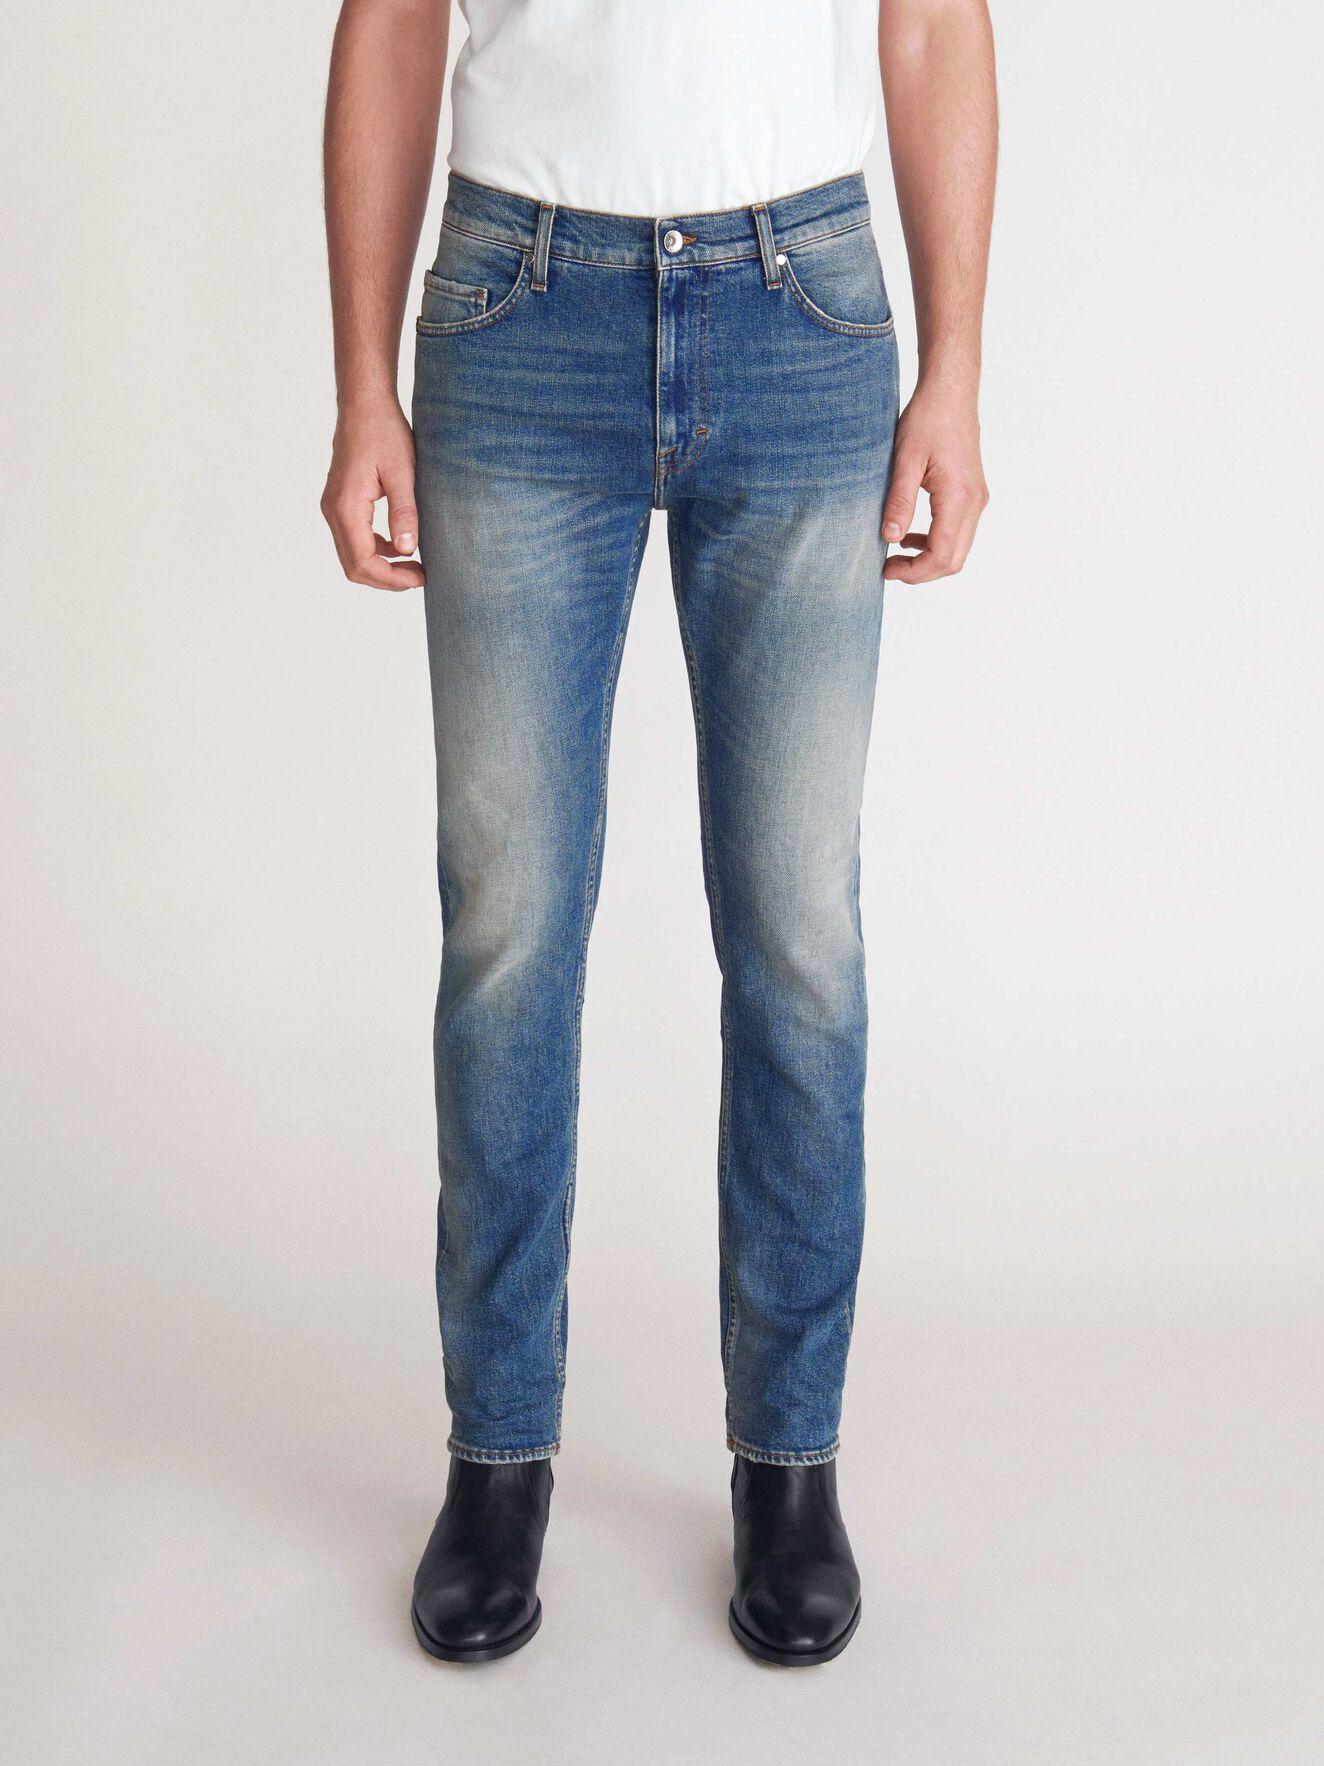 a2c48598b8e4 Jeans - Shop men s jeans online at Tiger of Sweden